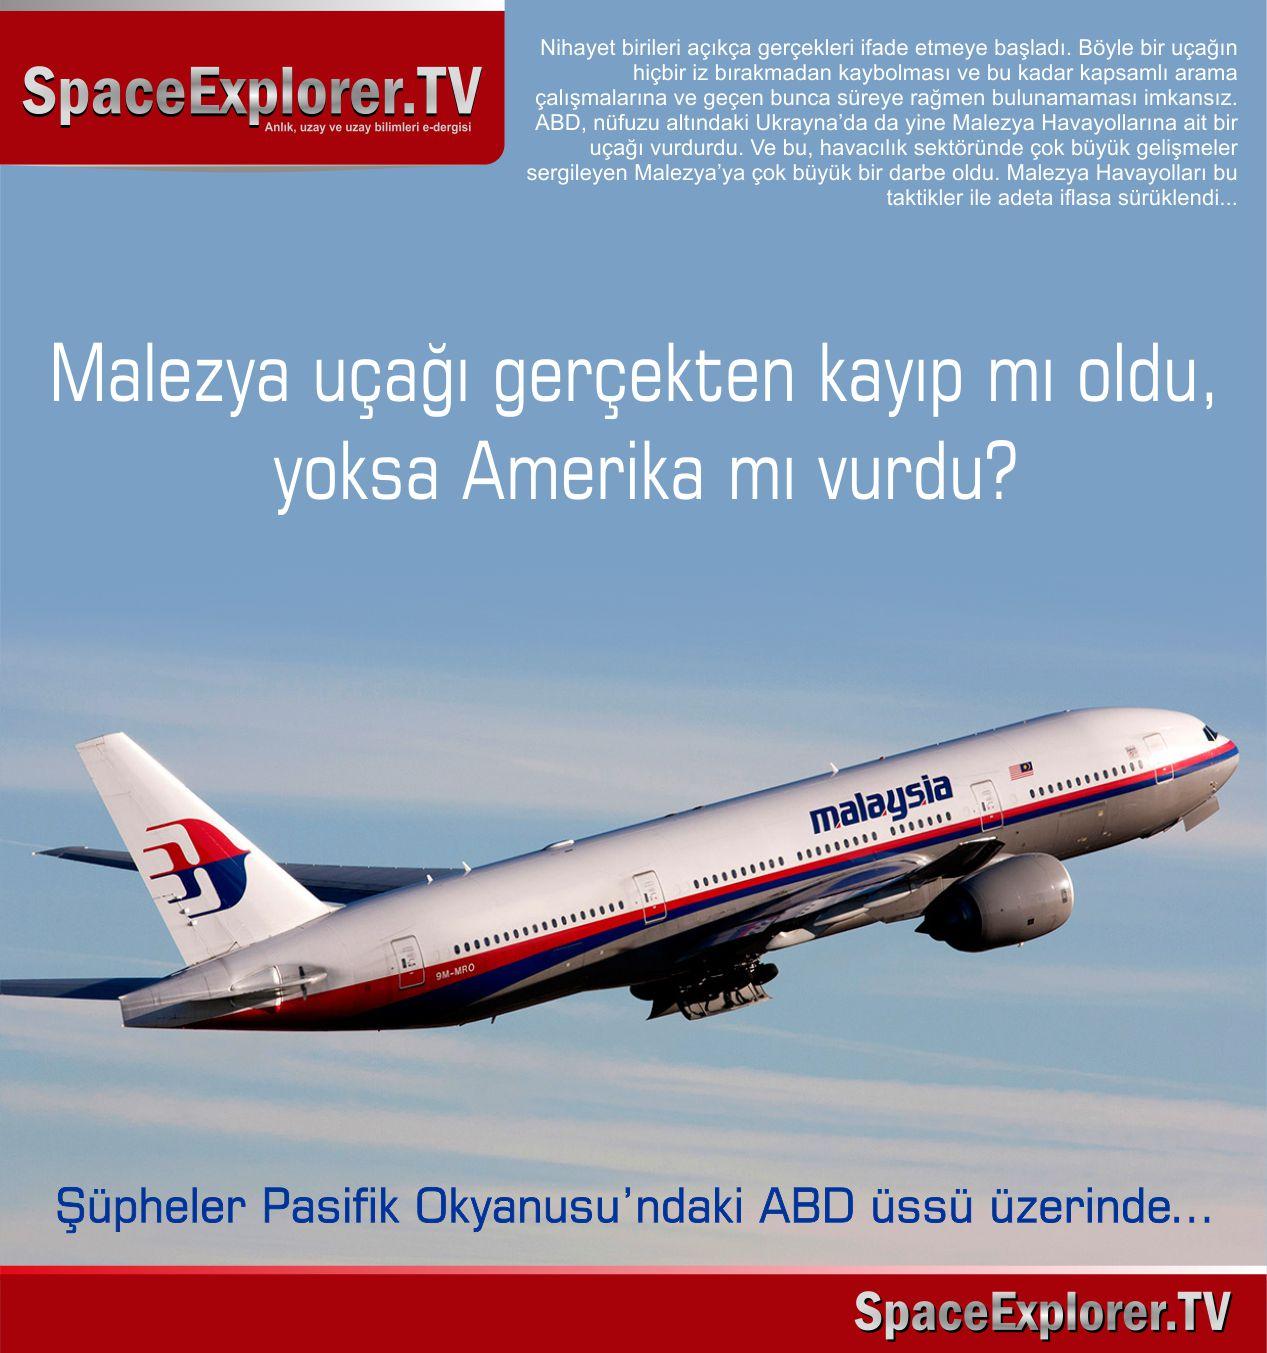 Malezya uçağı gerçekten kayıp mı oldu yoksa Amerika mı vurdu? Şüpheler Pasifik Okyanusu'ndaki ABD üssü üzerinde...